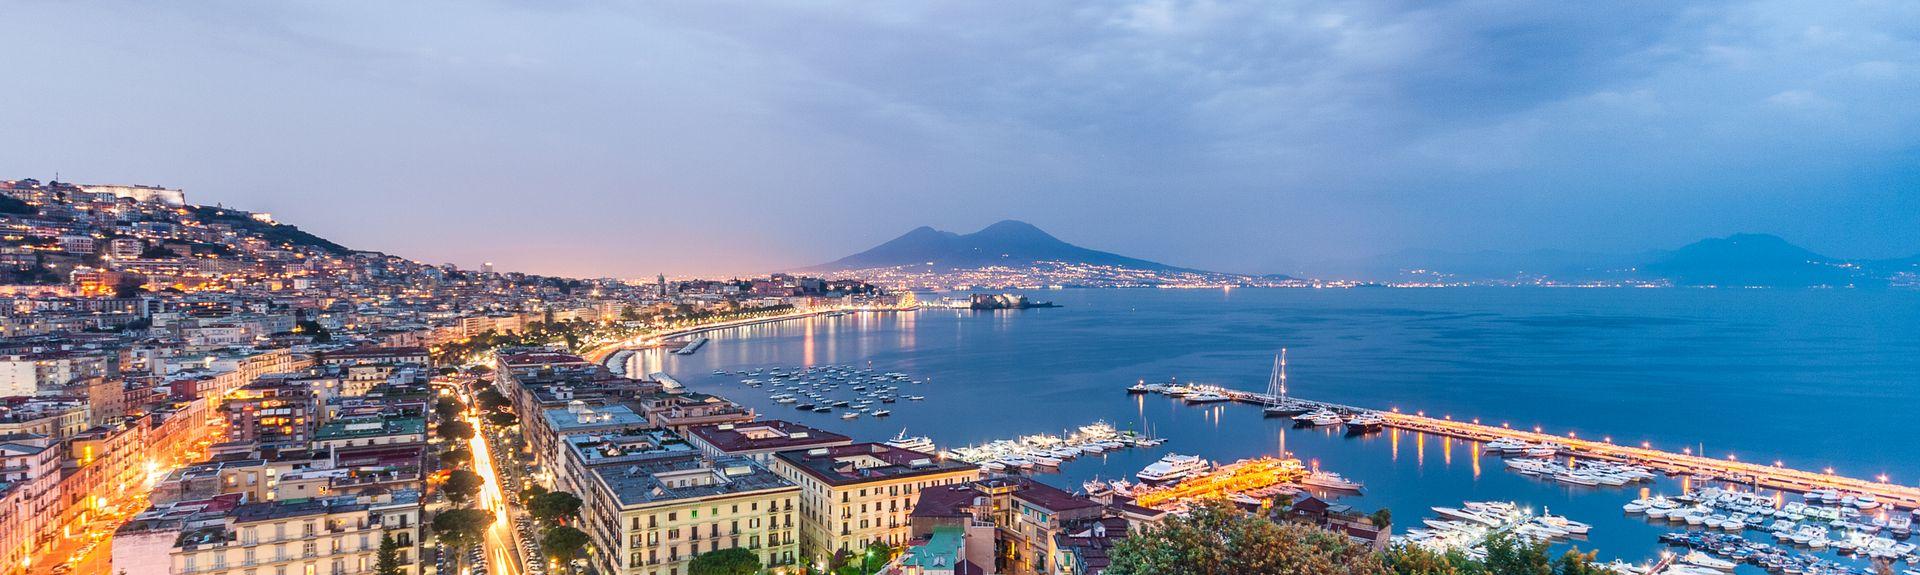 Naples, Campanie, Italie